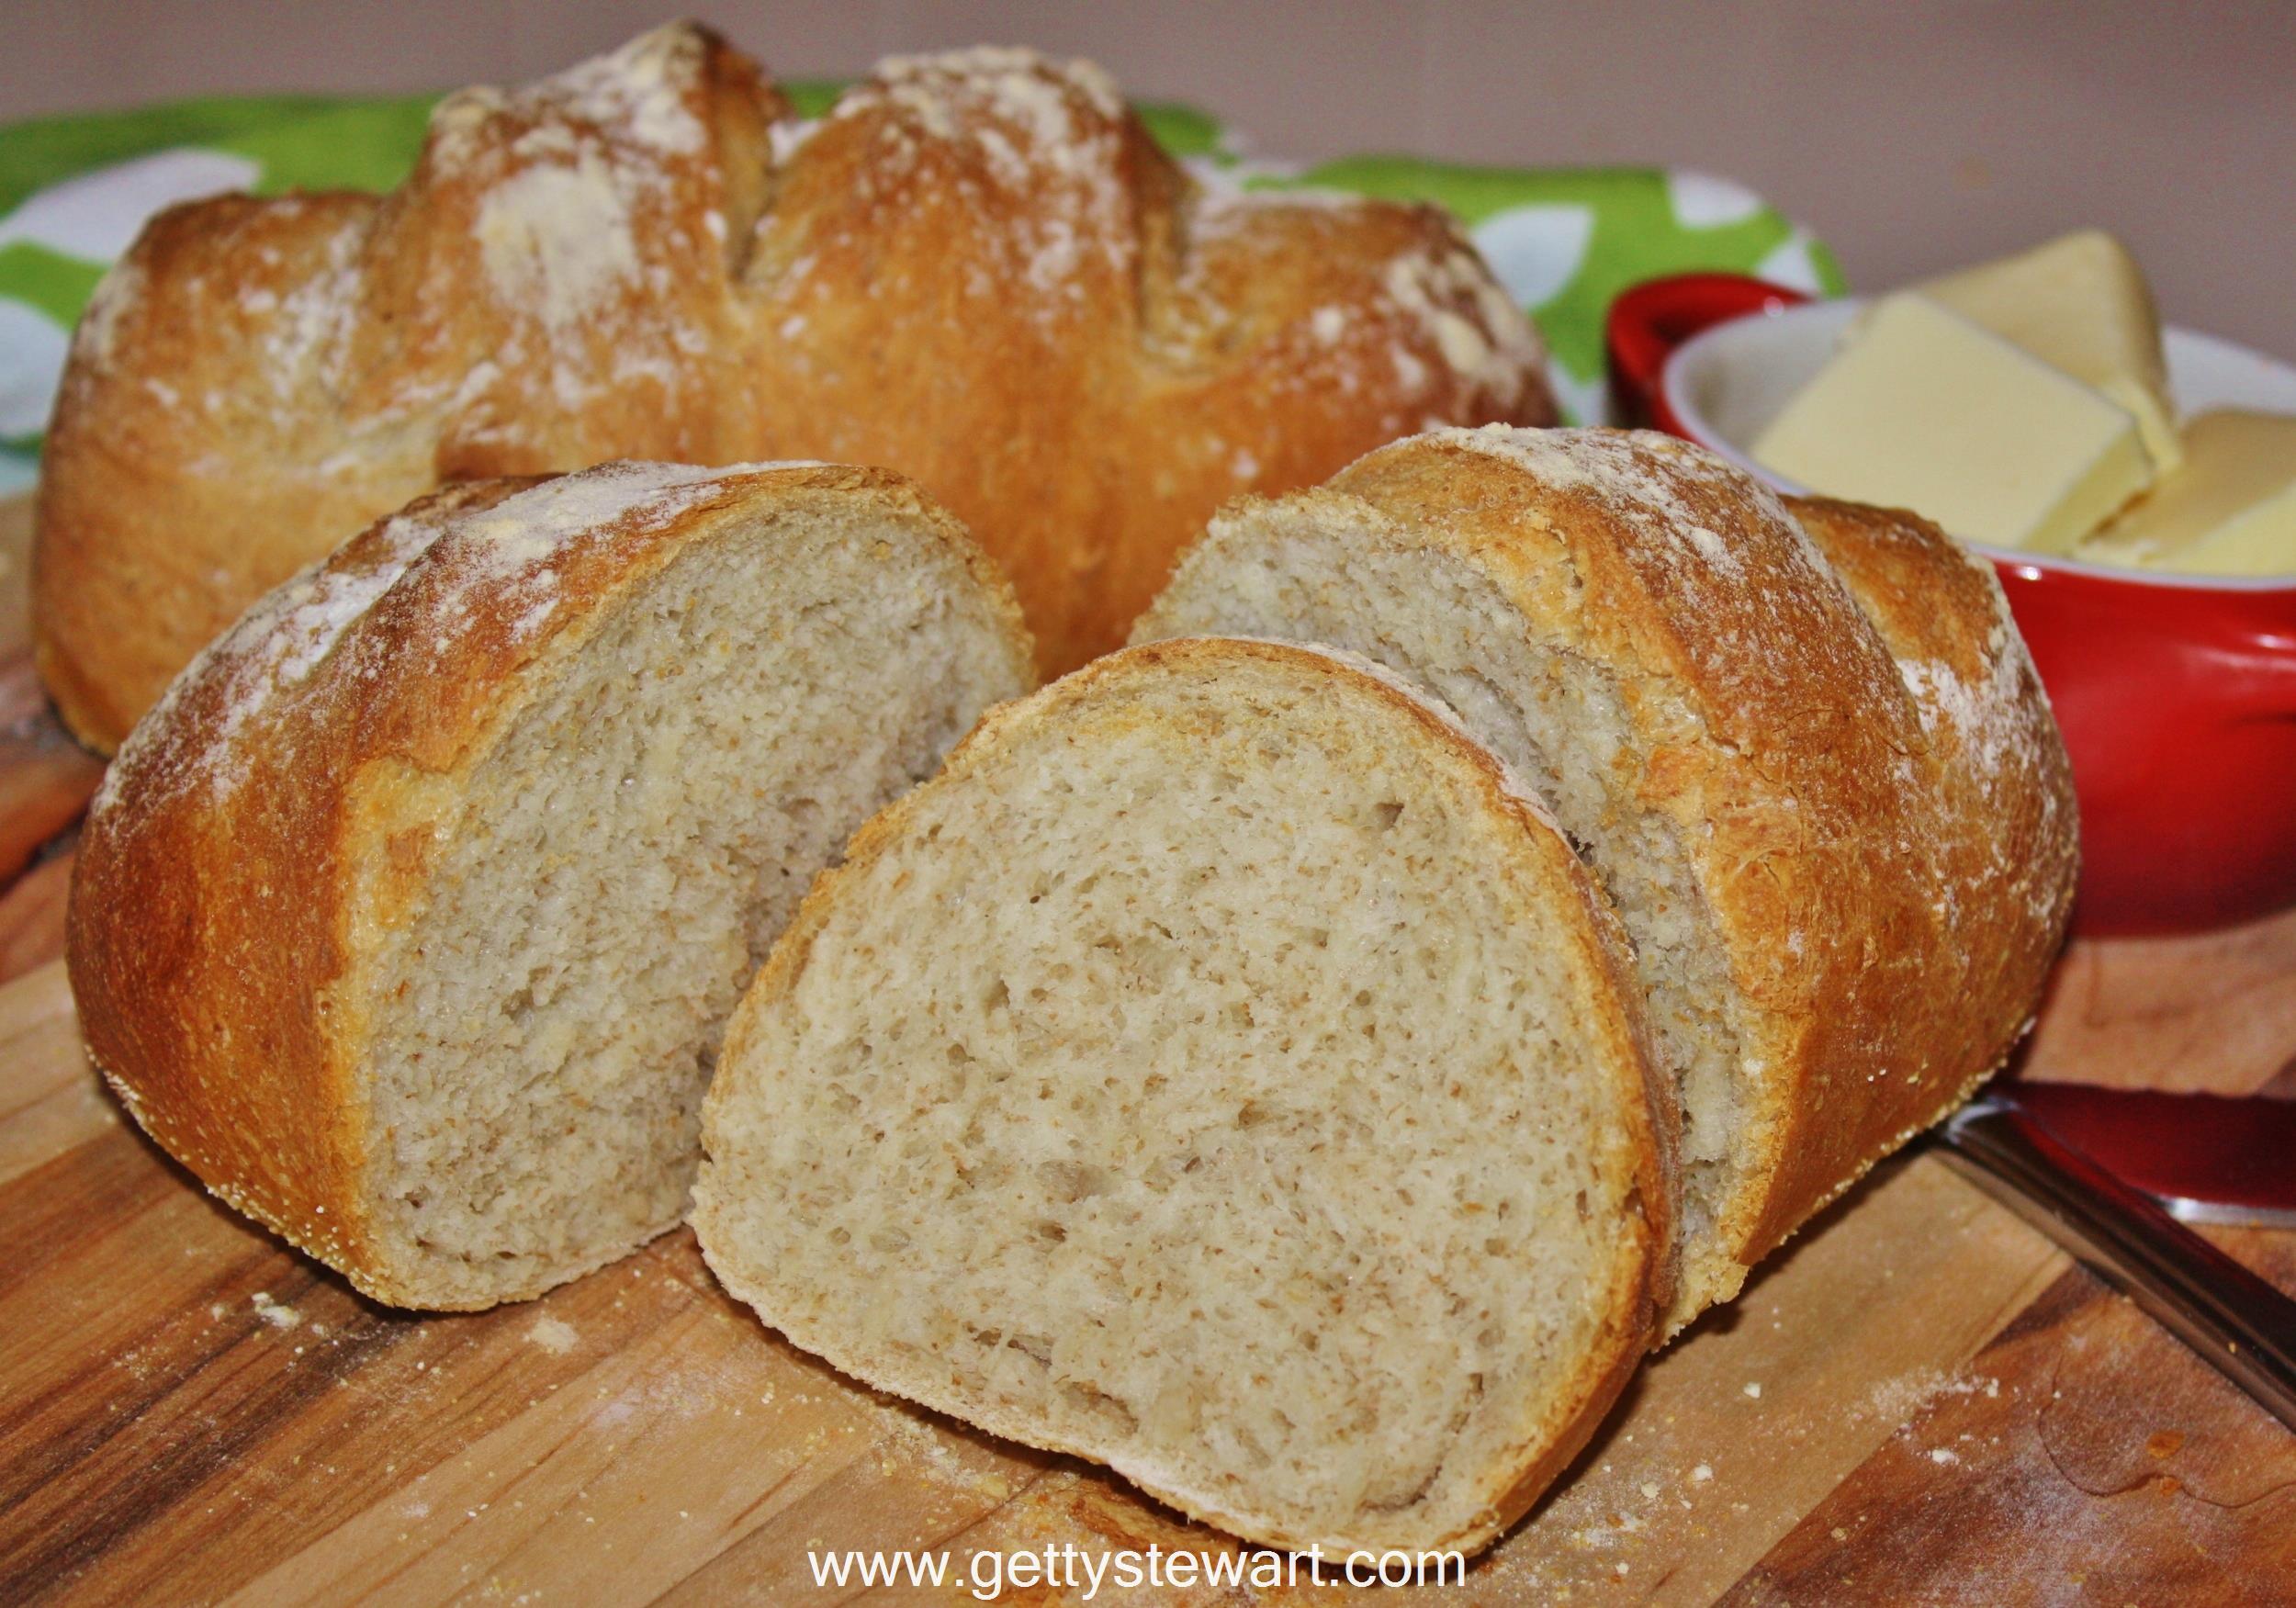 Easy No Knead Bread - Crusty Artisan Bread - Getty Stewart